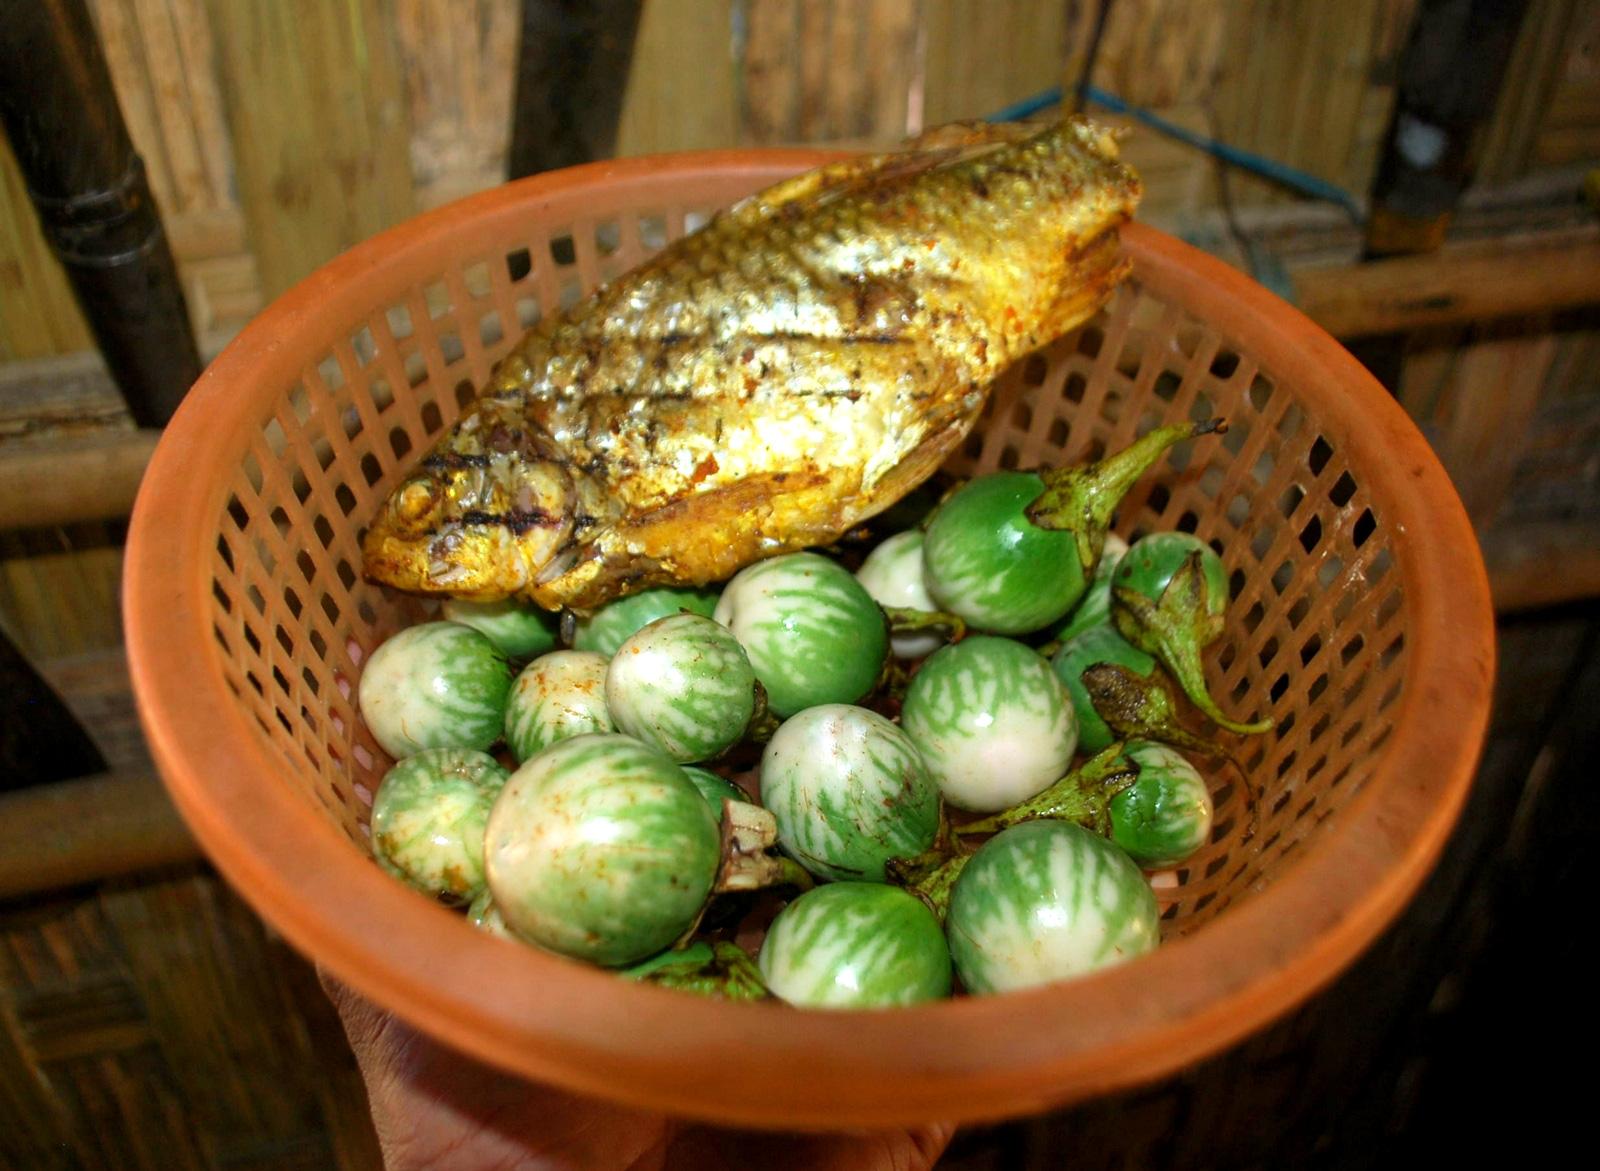 Kể chuyện làng: Lên Trường Sơn ăn món cà đắng của người Cơ Tu - Ảnh 1.